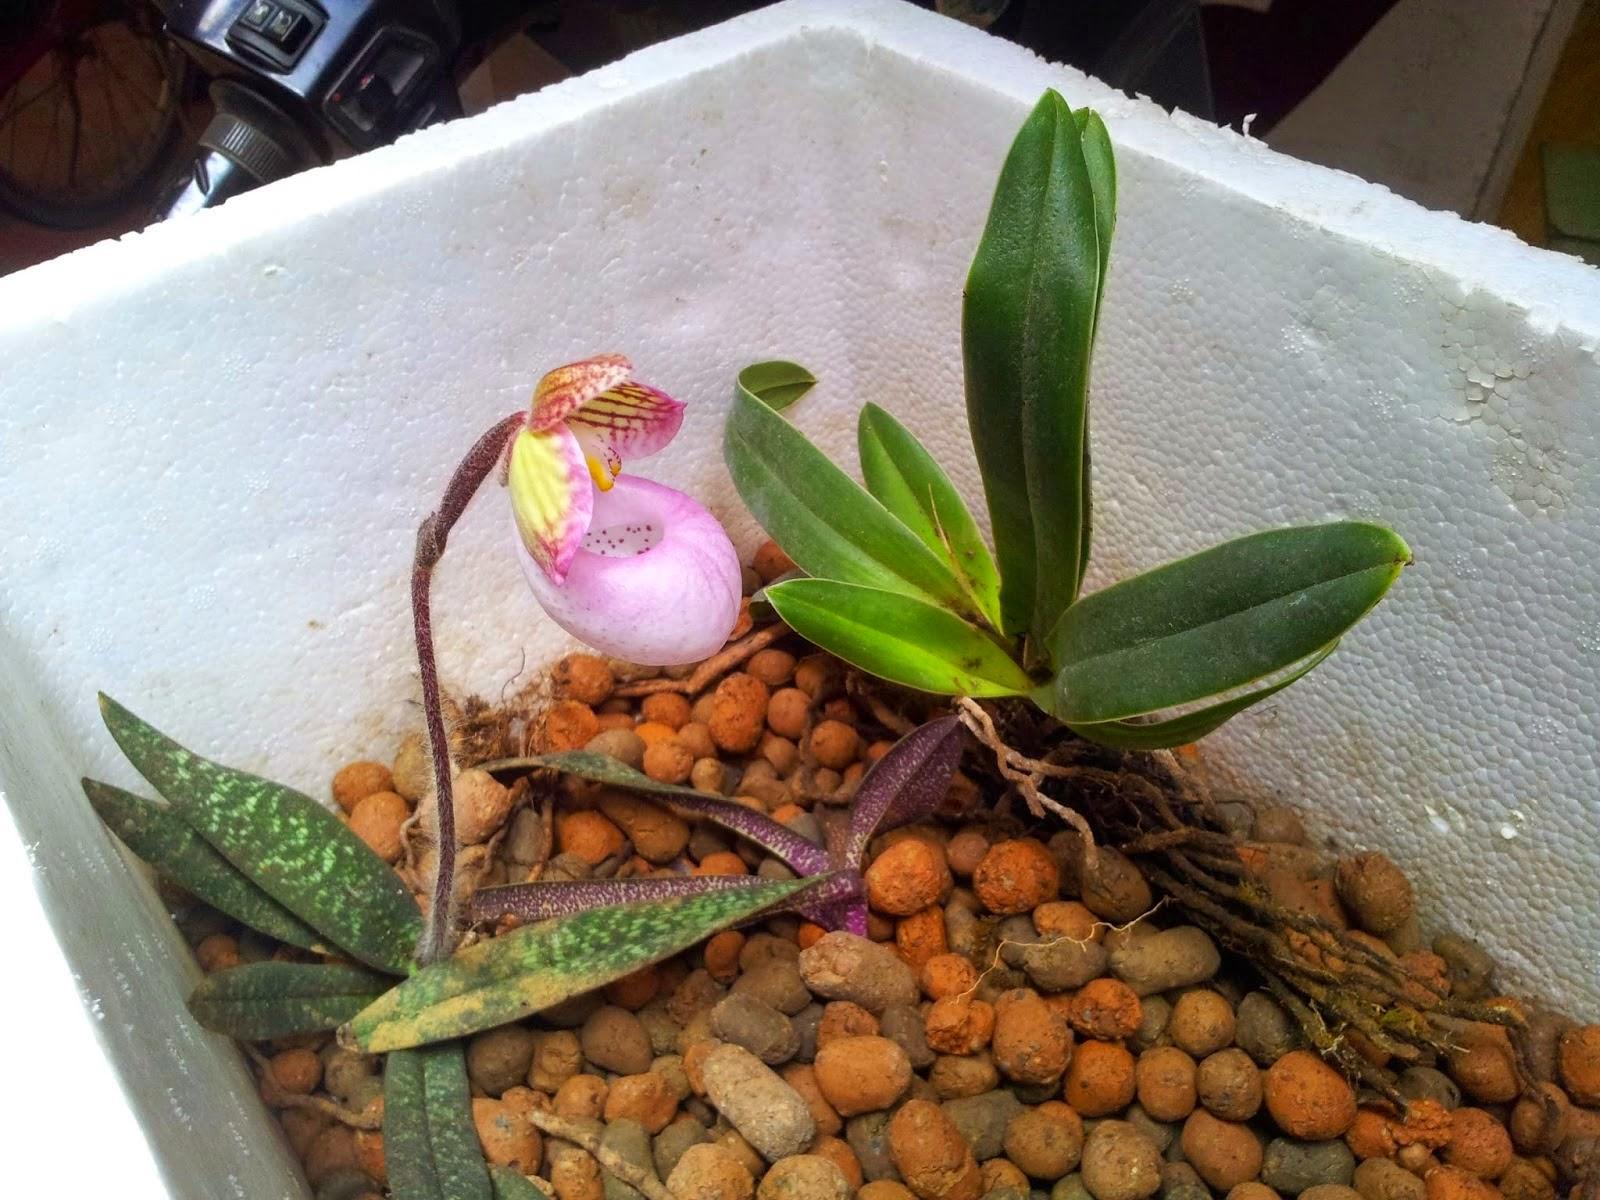 hài mốc hồng thường có 3-6 lá, cỡ nhỏ bé, lá có vân trắng xanh nổi rõ